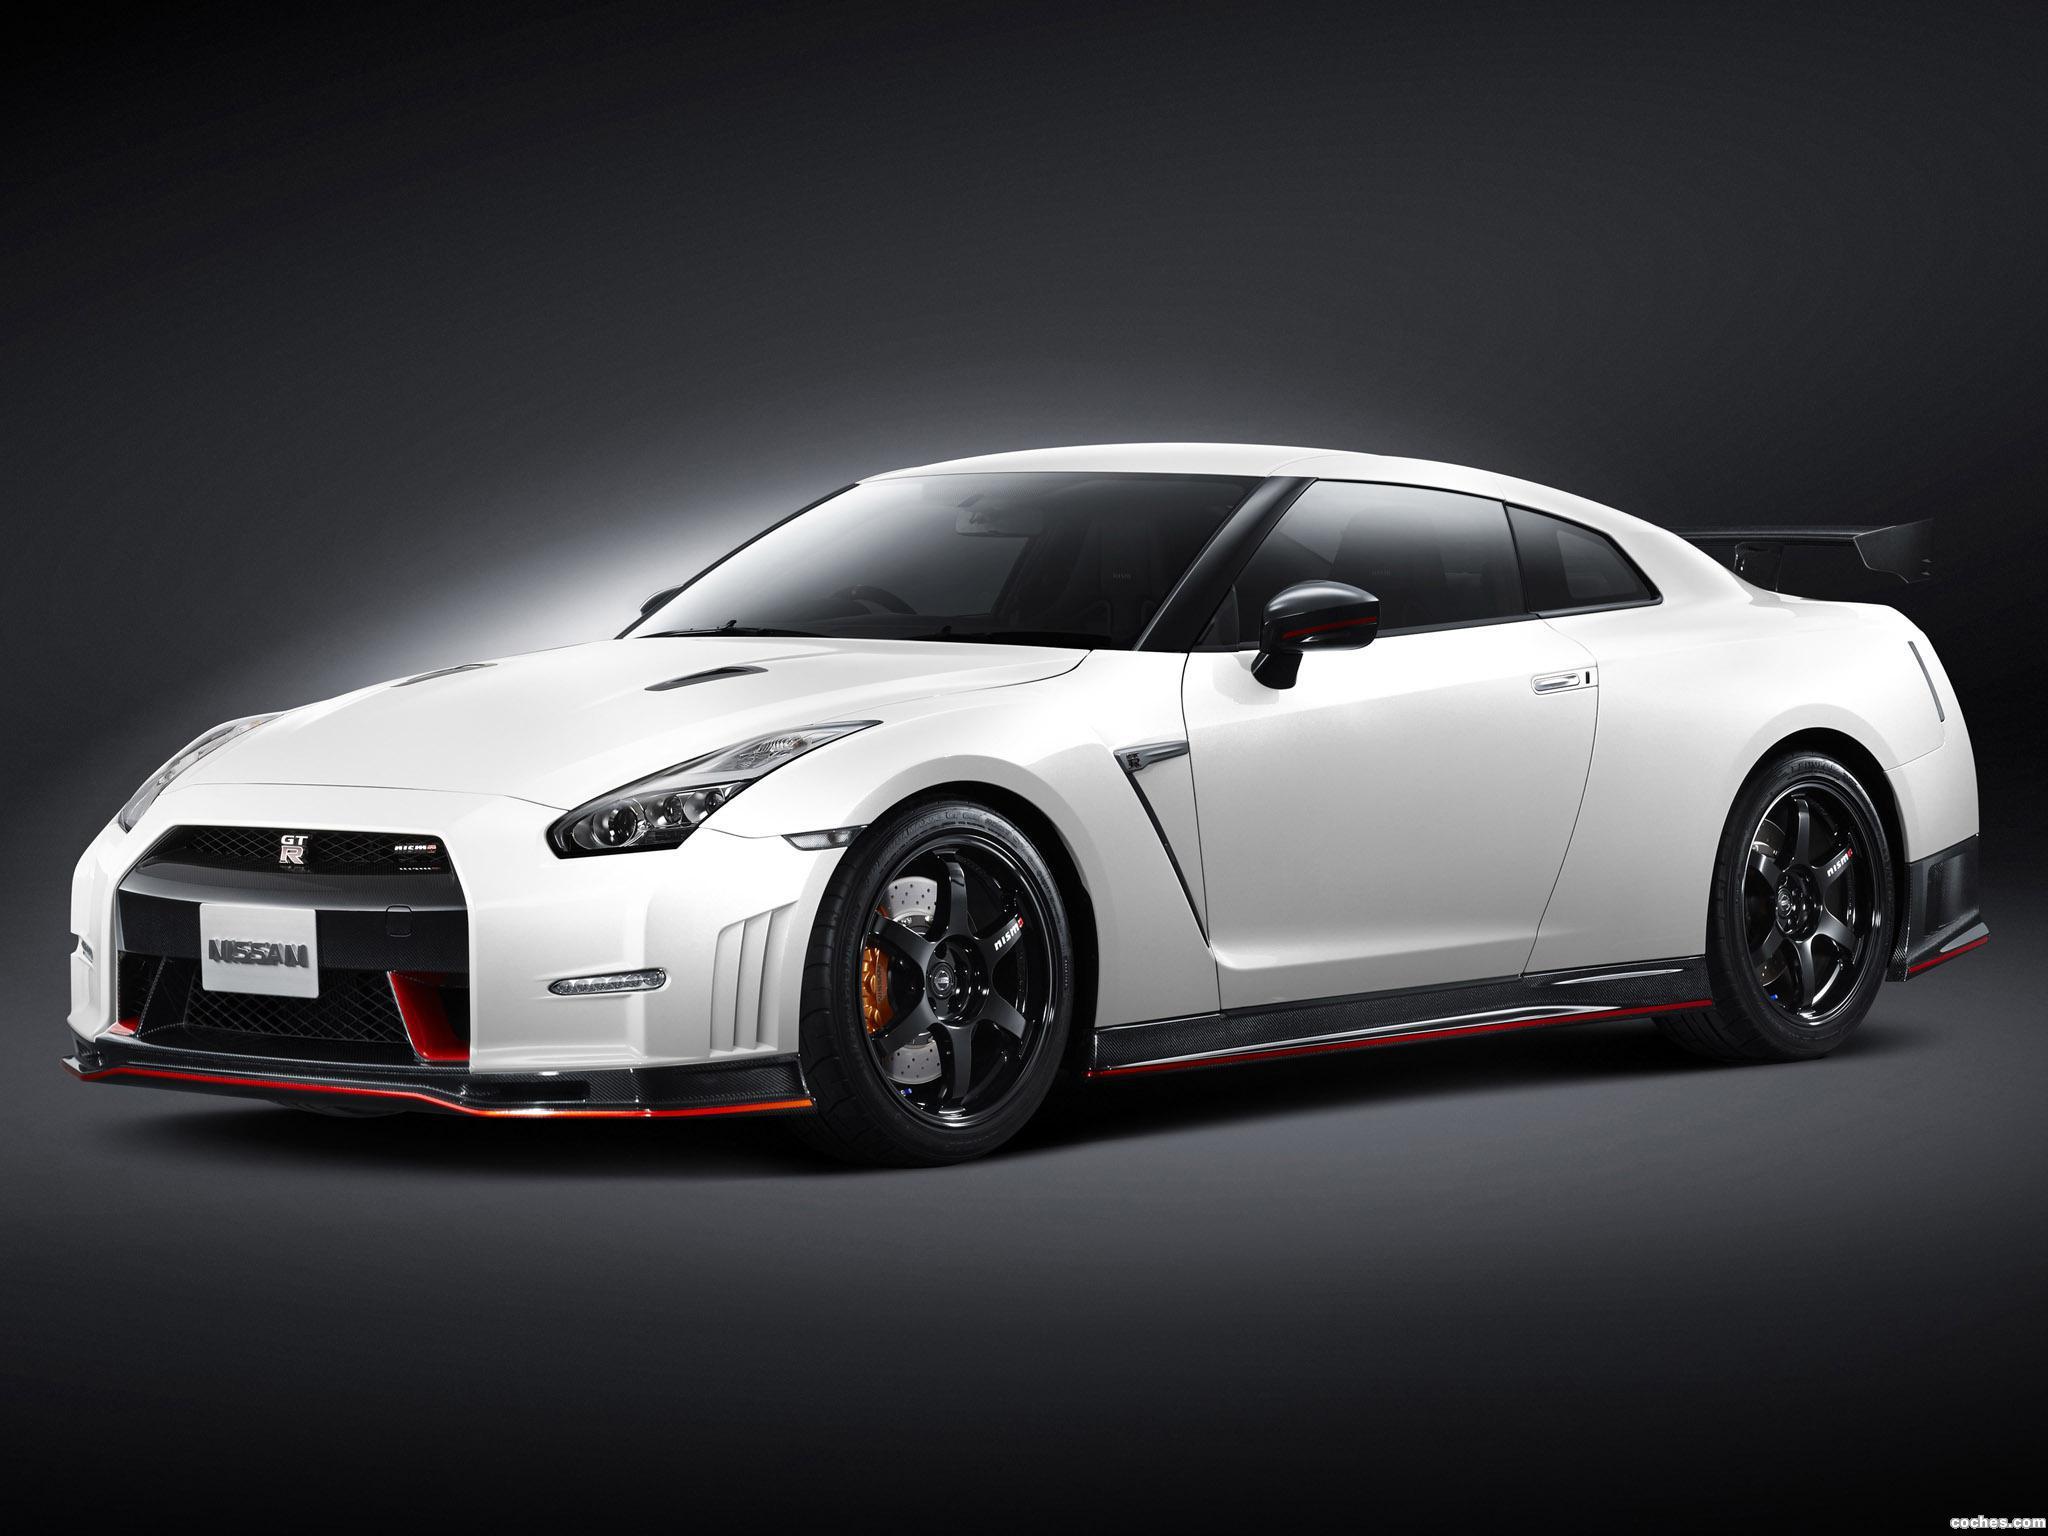 Foto 0 de Nissan Nismo GT-R R35 2014